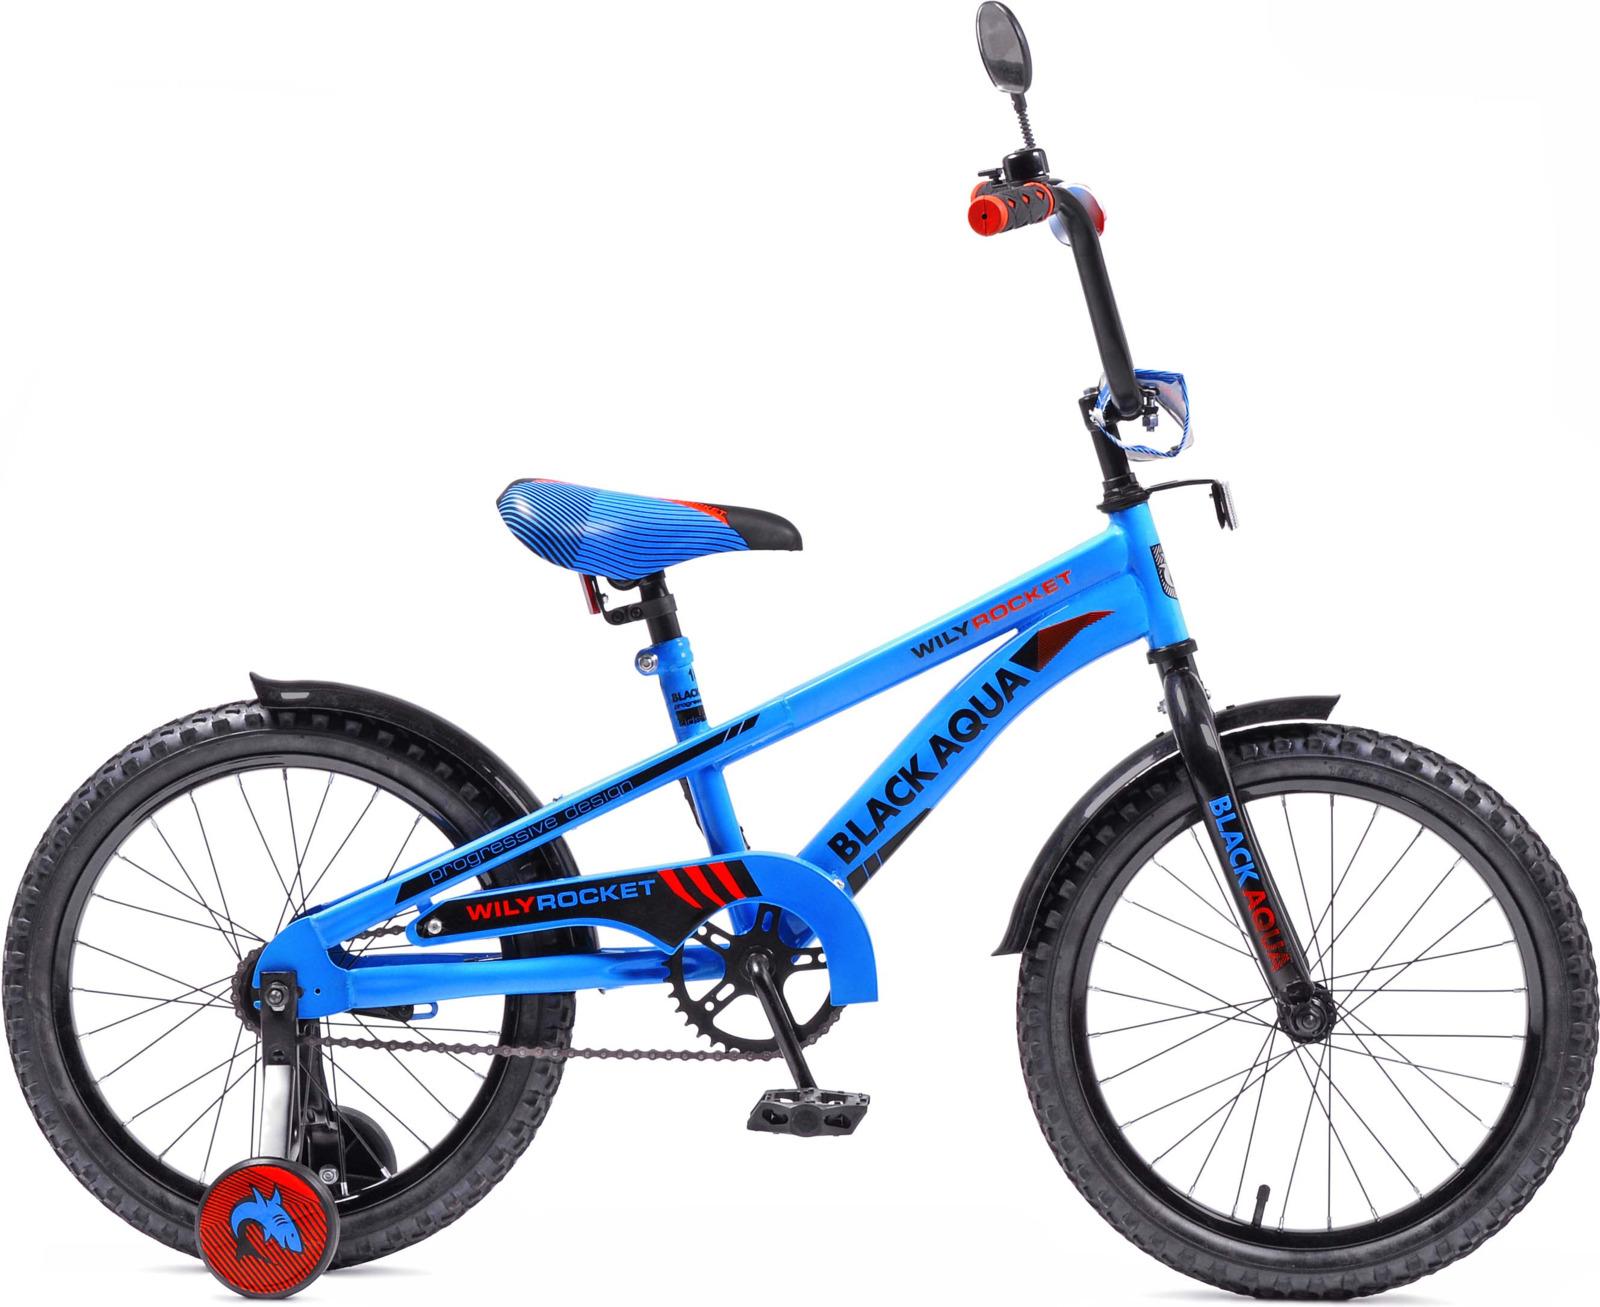 Велосипед детский Black Aqua Wily Rocket, KG1808, колесо 18, синий